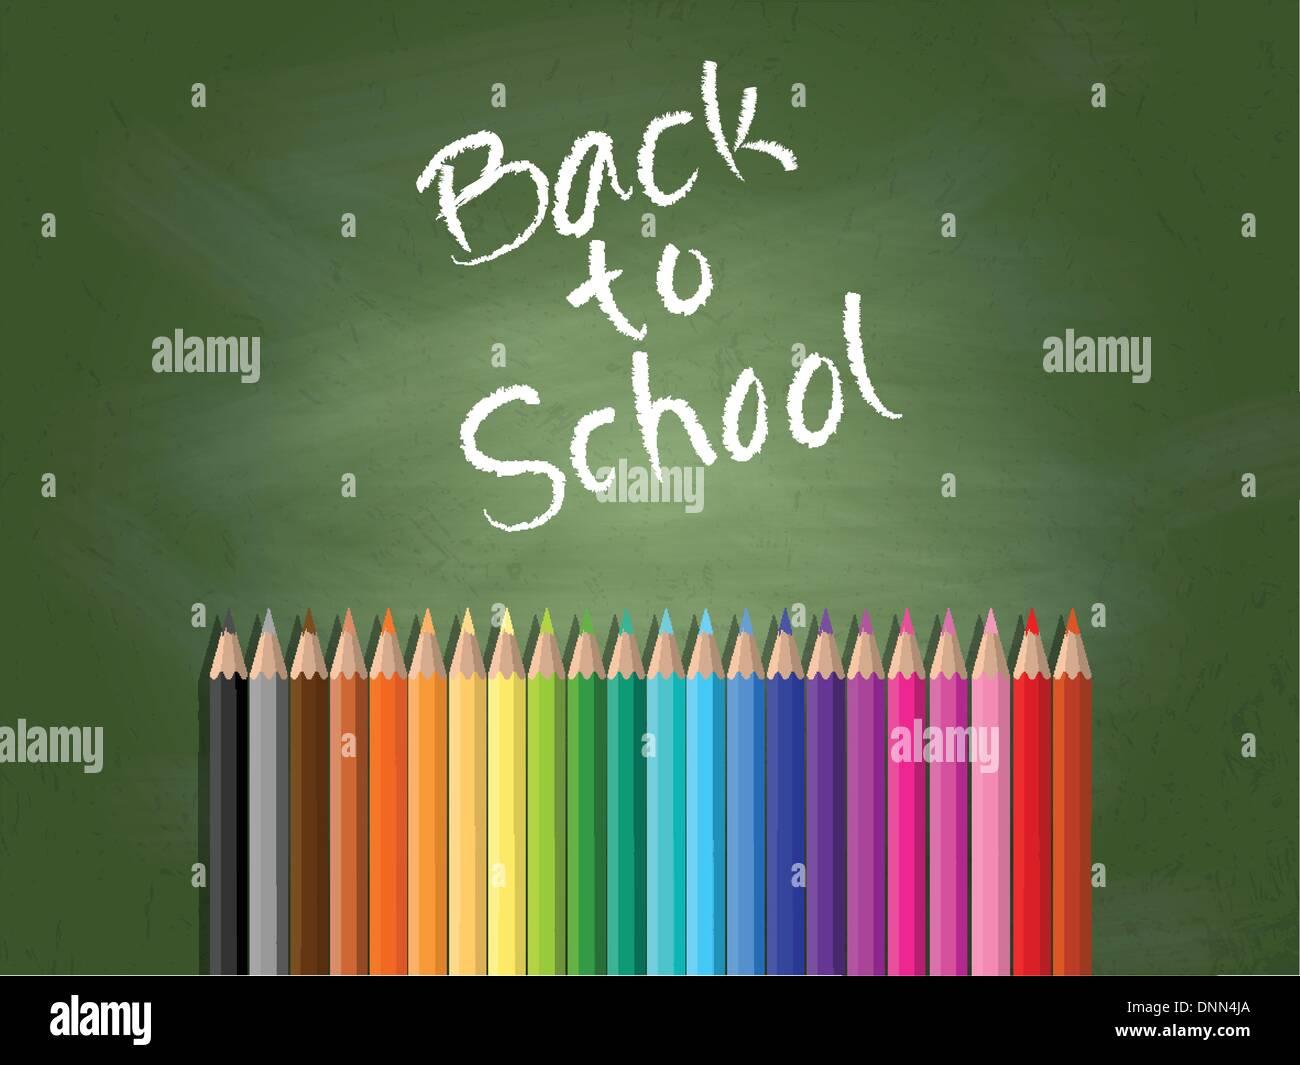 Si torna a scuola lo sfondo con lavagna e pennarelli colorati Immagini Stock